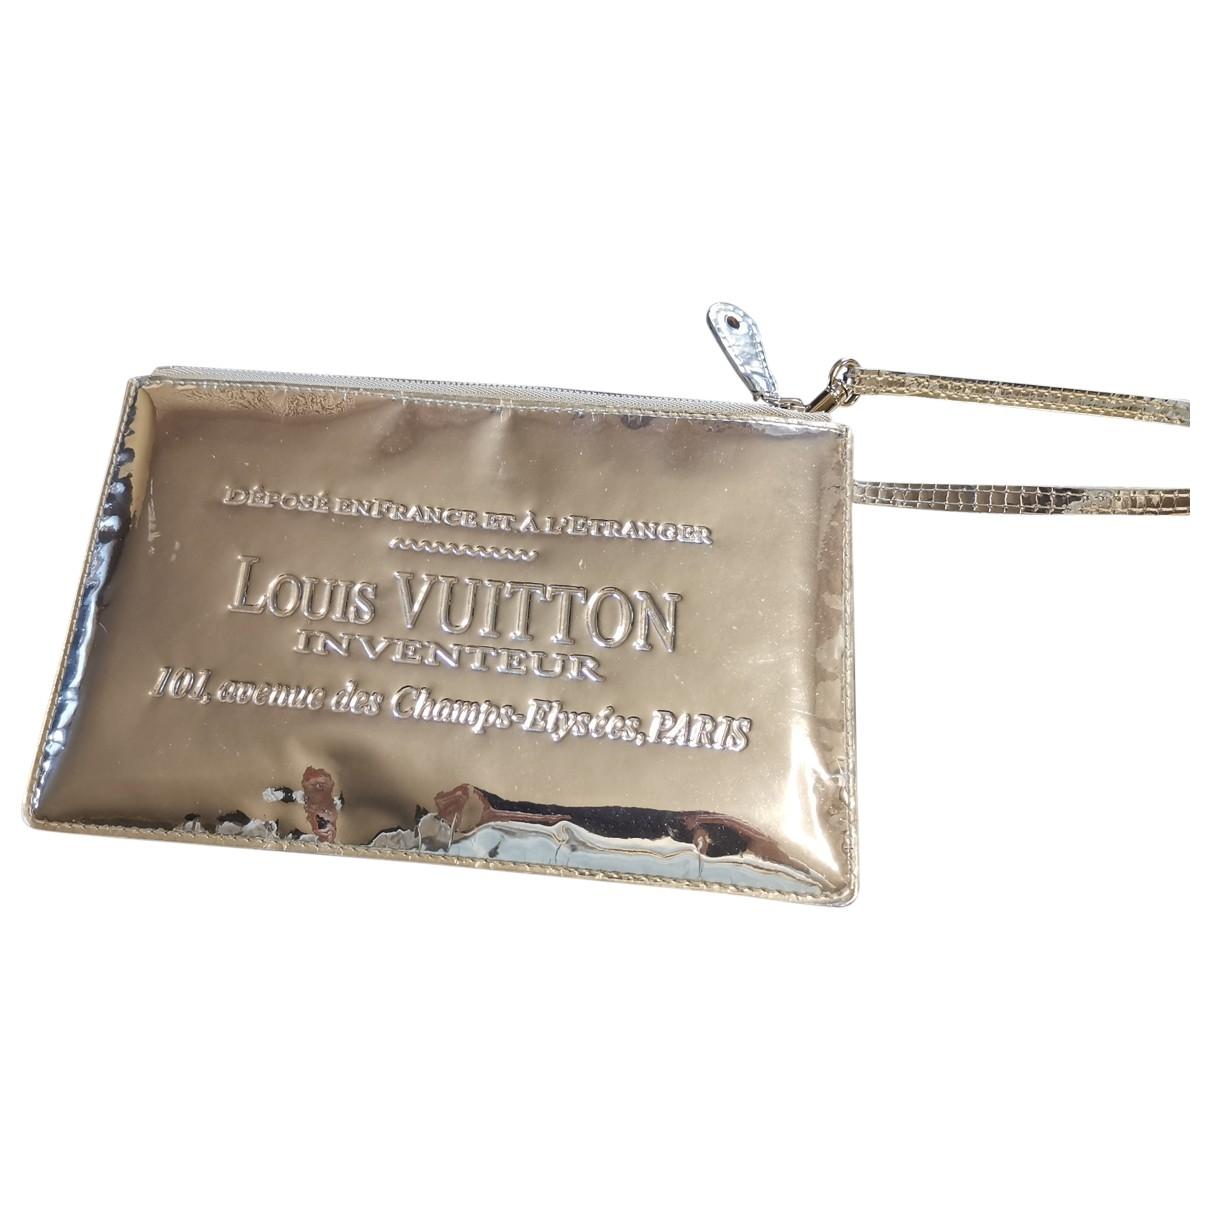 Louis Vuitton - Pochette   pour femme en cuir verni - argente